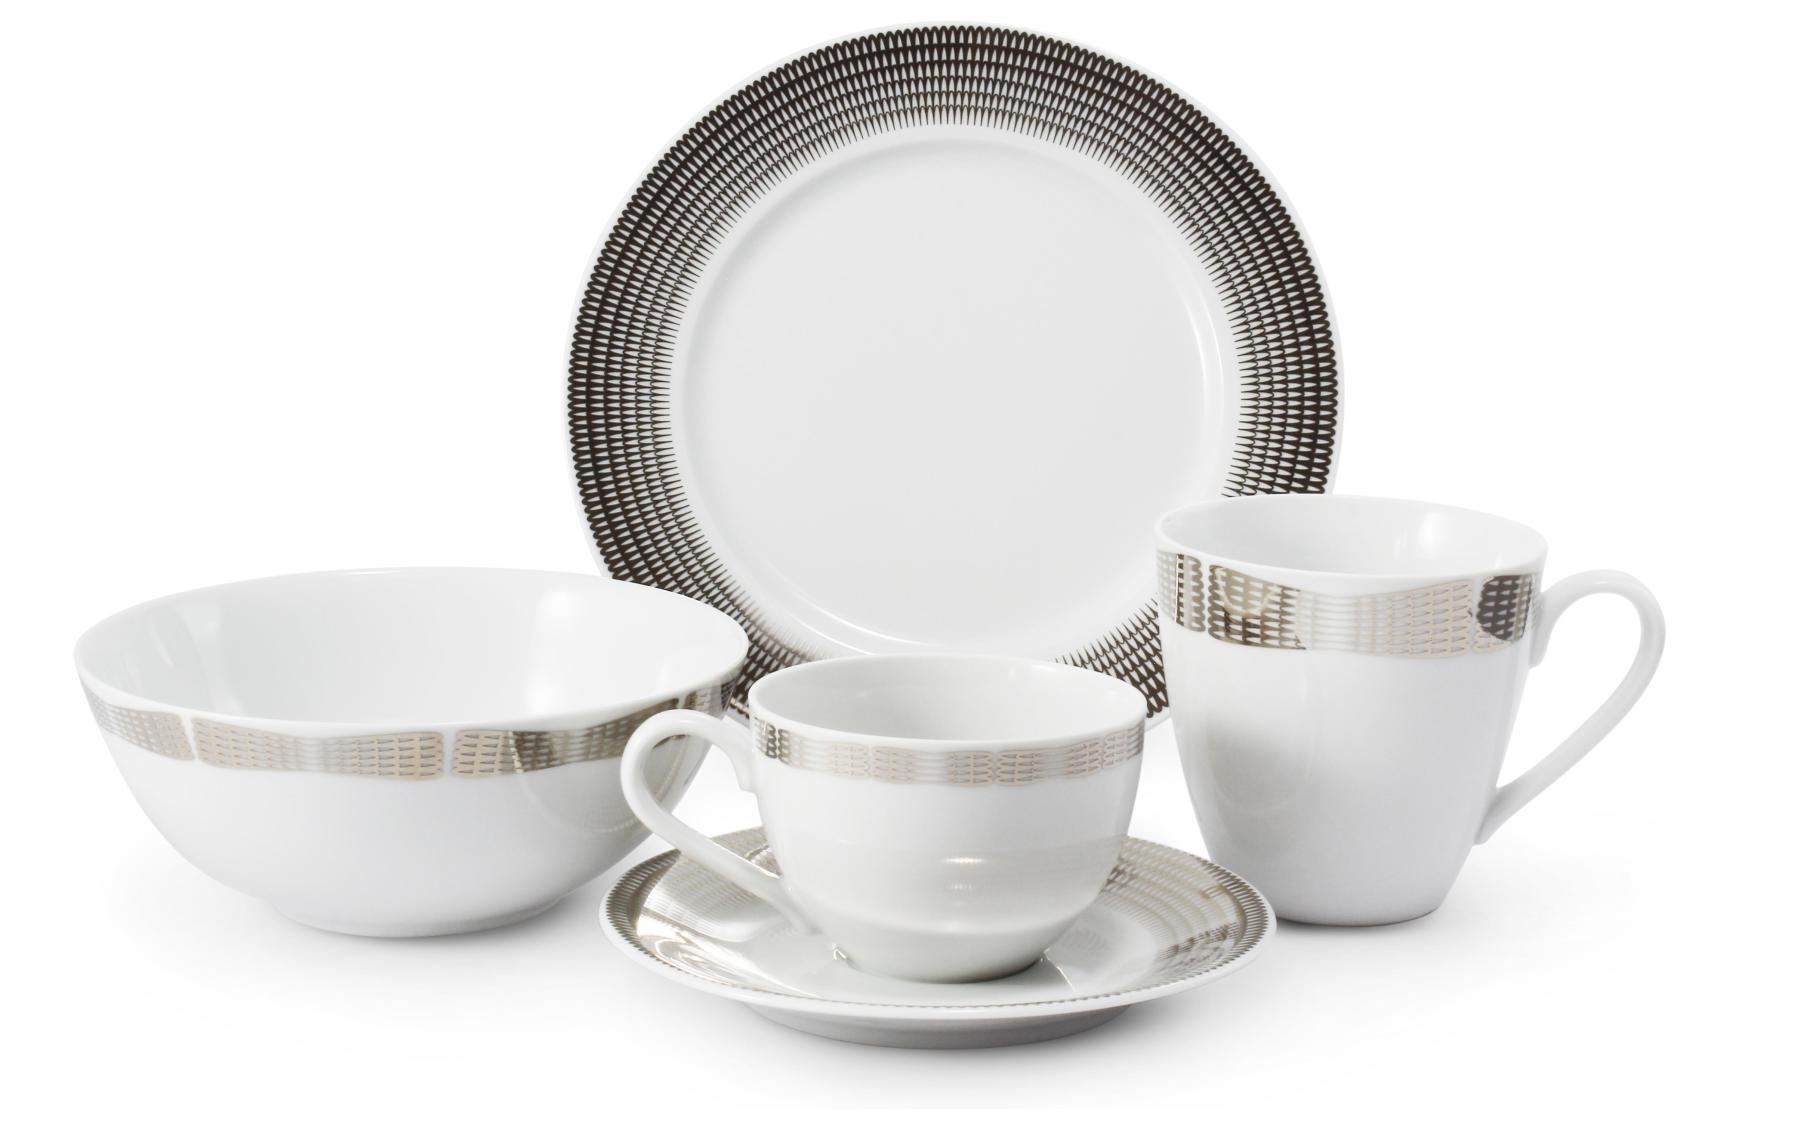 Breakfast set 5-piece Silver angel wings ver.A